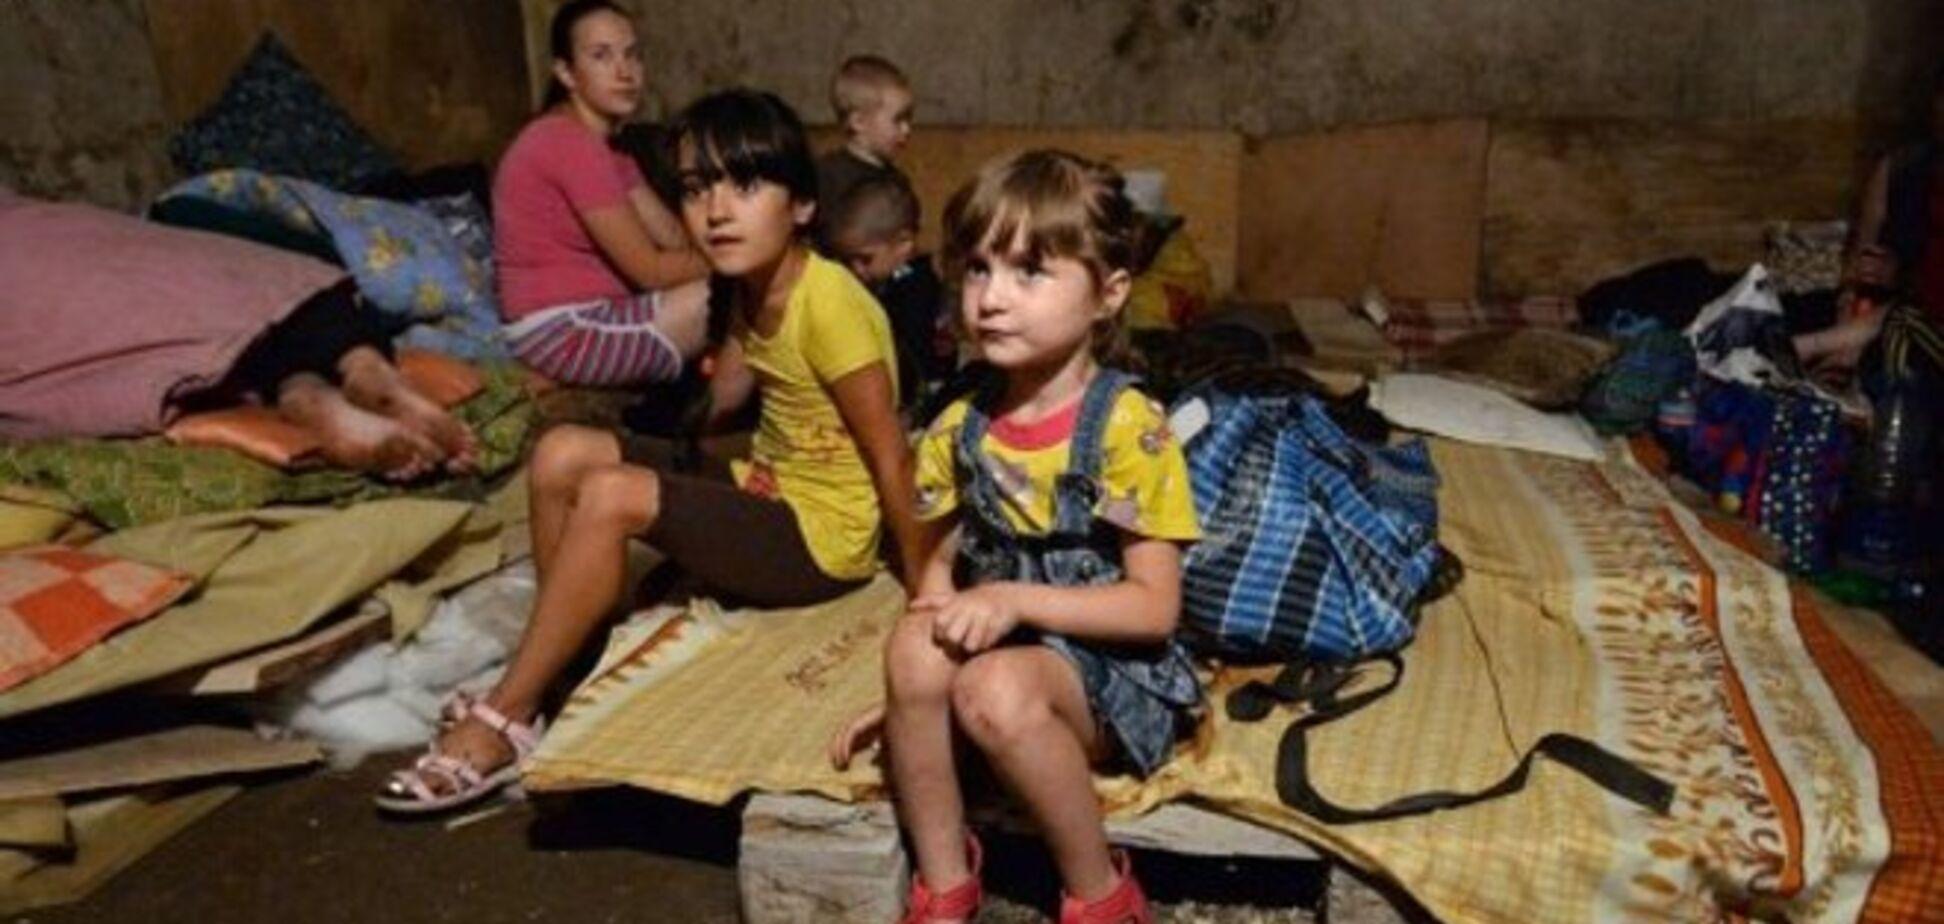 Более тысячи детей в Донецке прячутся в подвалах и бомбоубежищах - ЮНИСЕФ